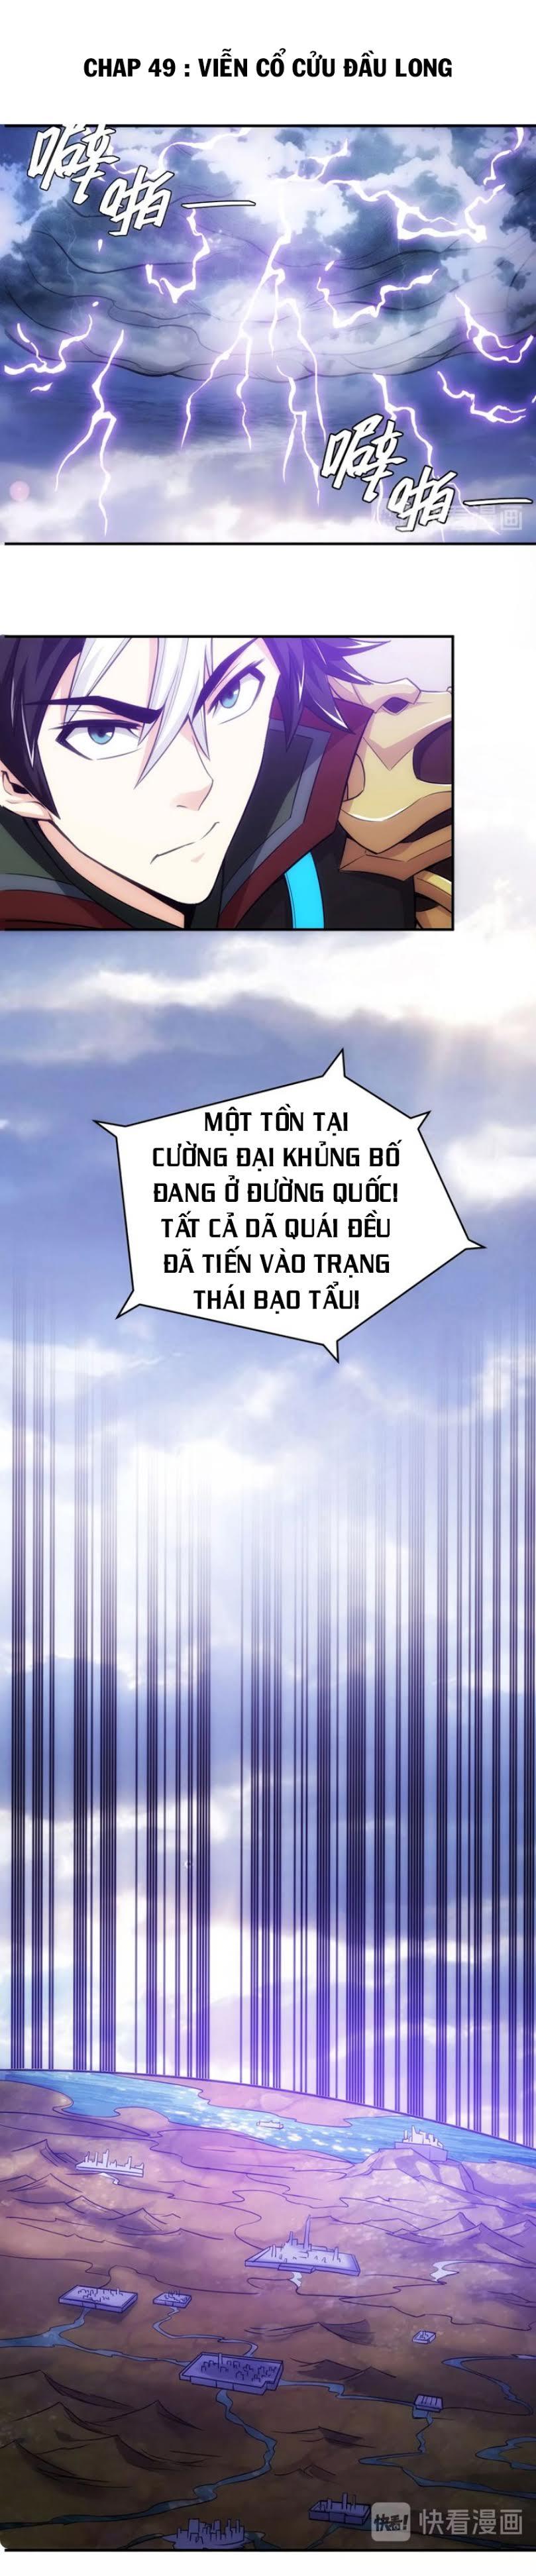 Rich Player - Người Chơi Khắc Kim Chapter 49 video - Hamtruyen.vn